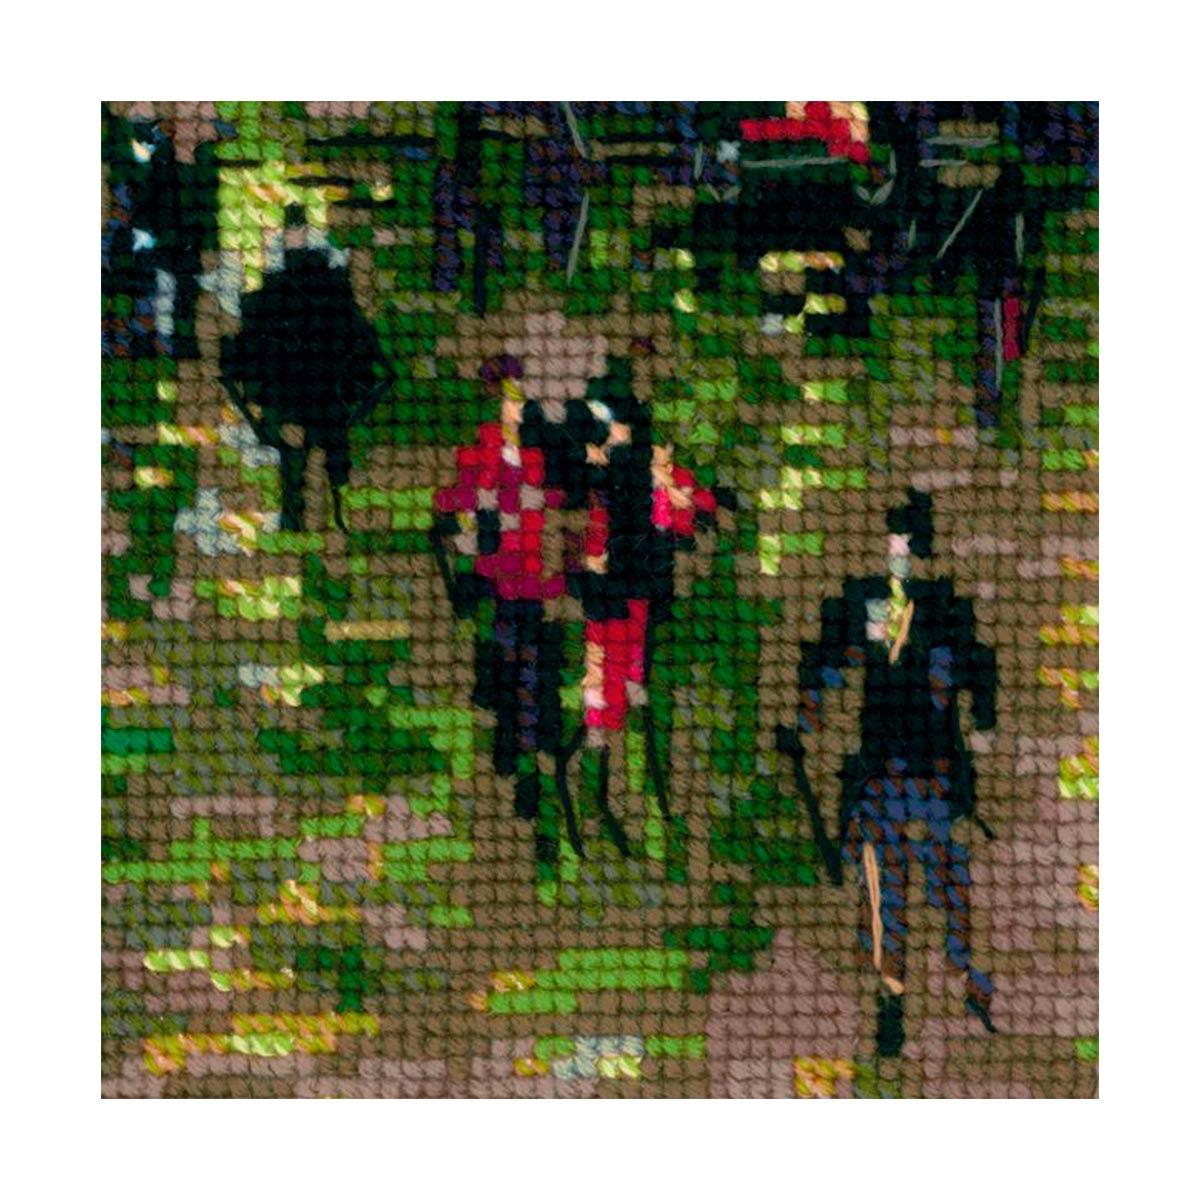 1699 Набор для вышивания Риолис 'Бастилия'по мотивам картины К. Коровина 40*30см